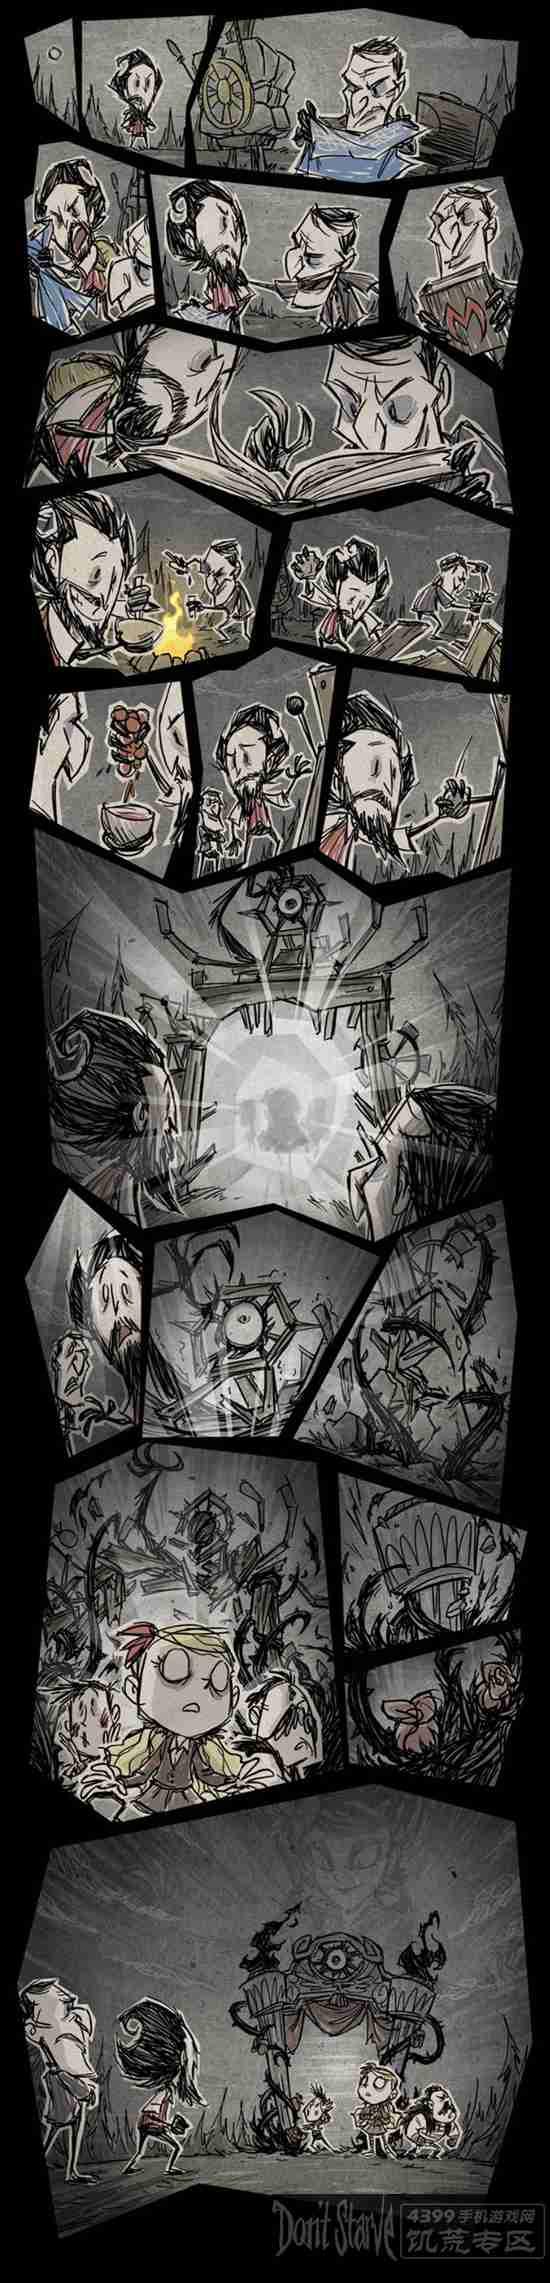 玩家聚焦: 饥荒玩家手绘作品展示 怪物篇上 饥荒真人版电影即将上映